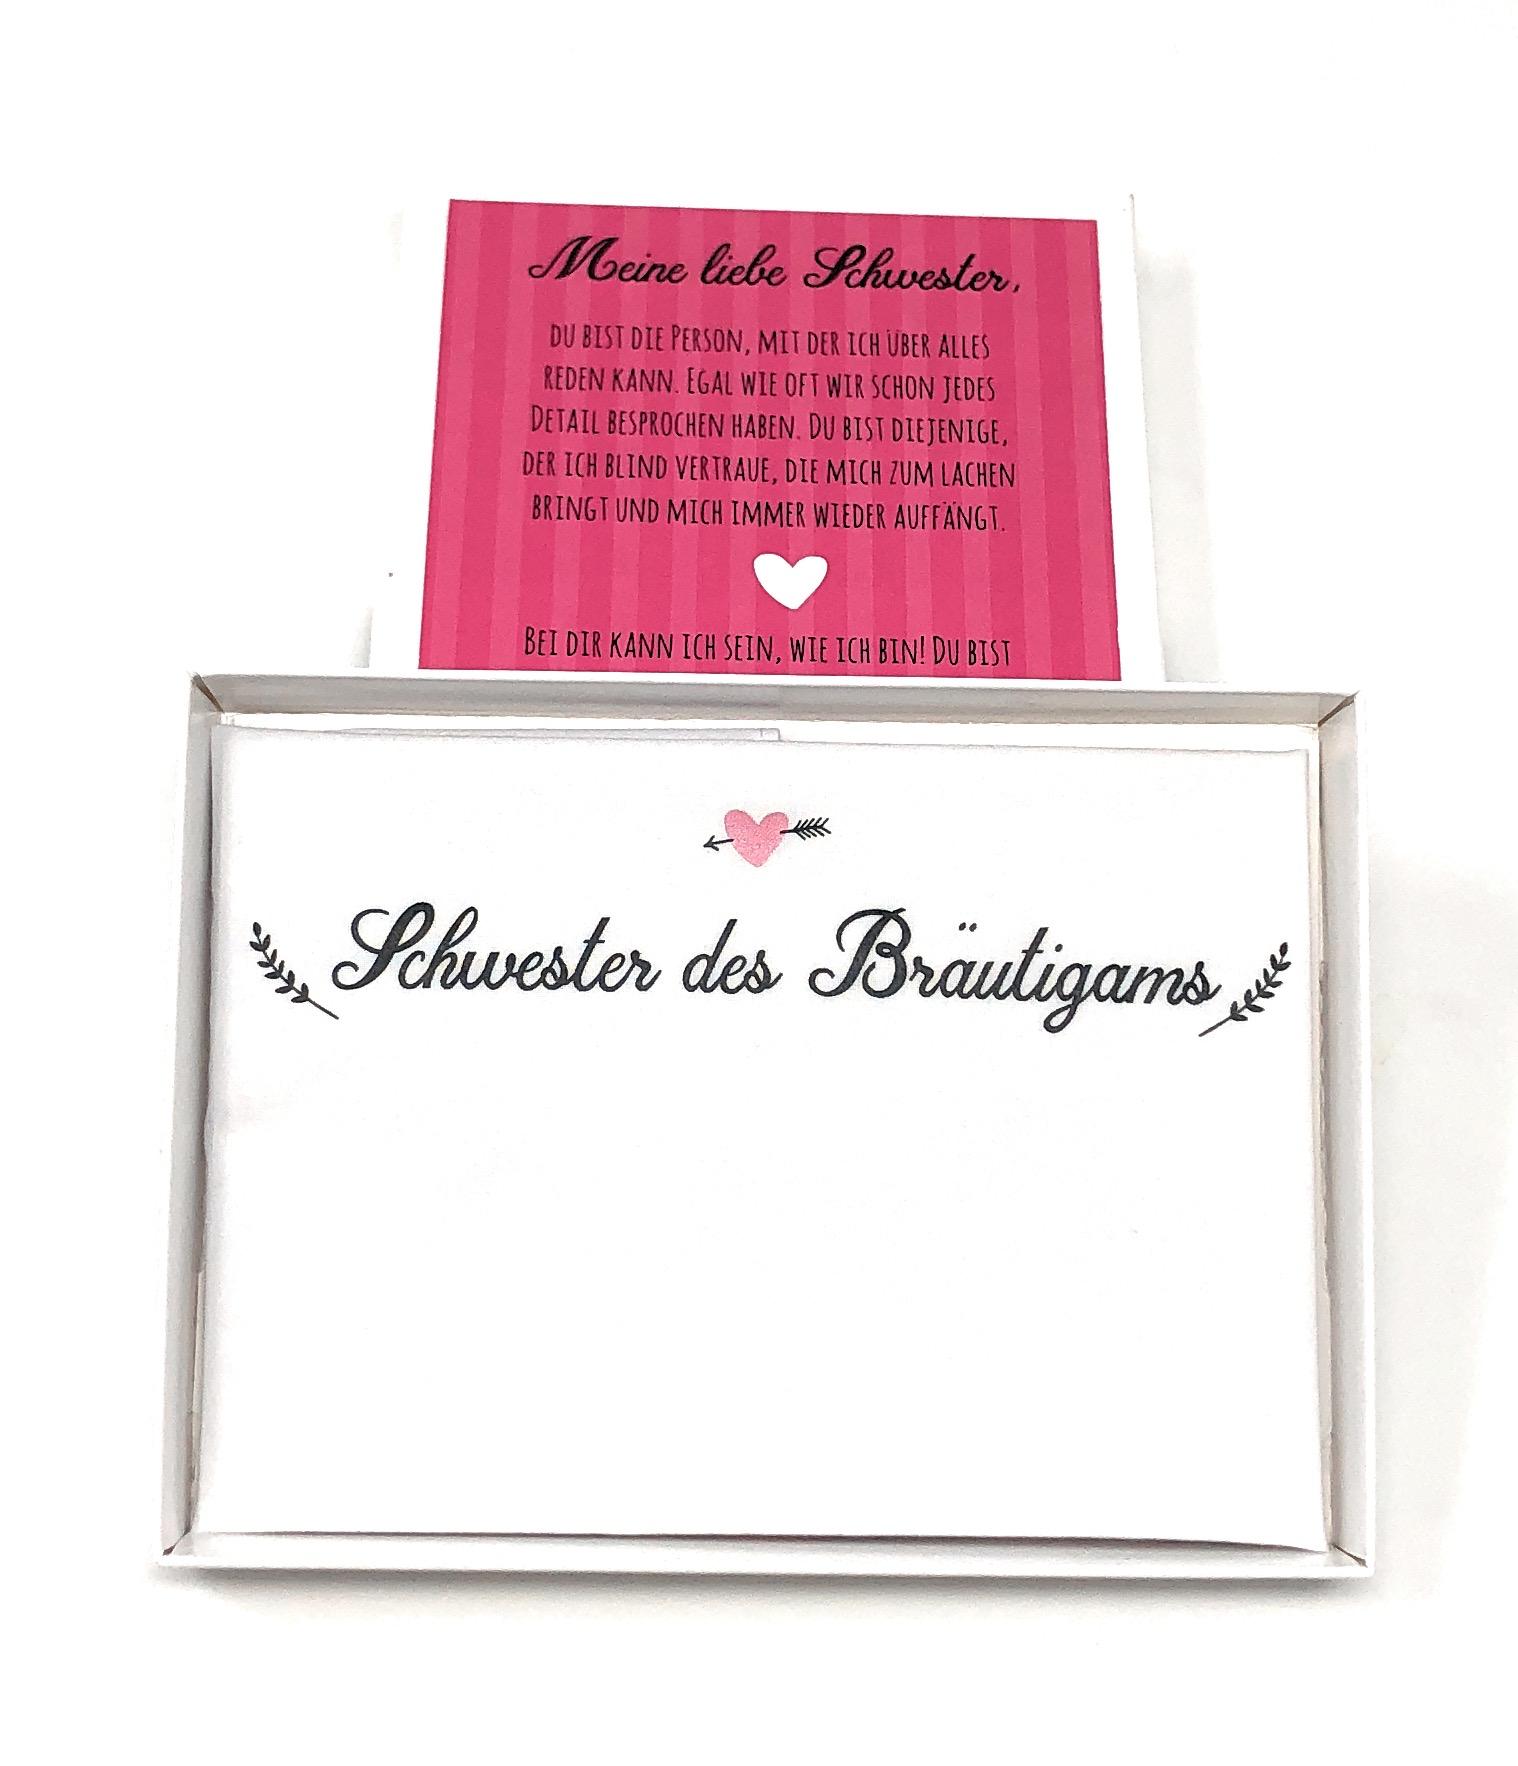 Geschenk Schwester Des Brautigams Taschentuch Fur Freudentranen Stofftaschentuch Geschenk Zur Hochzeit Schwesterherz Geschwister Stoff Weddingtree